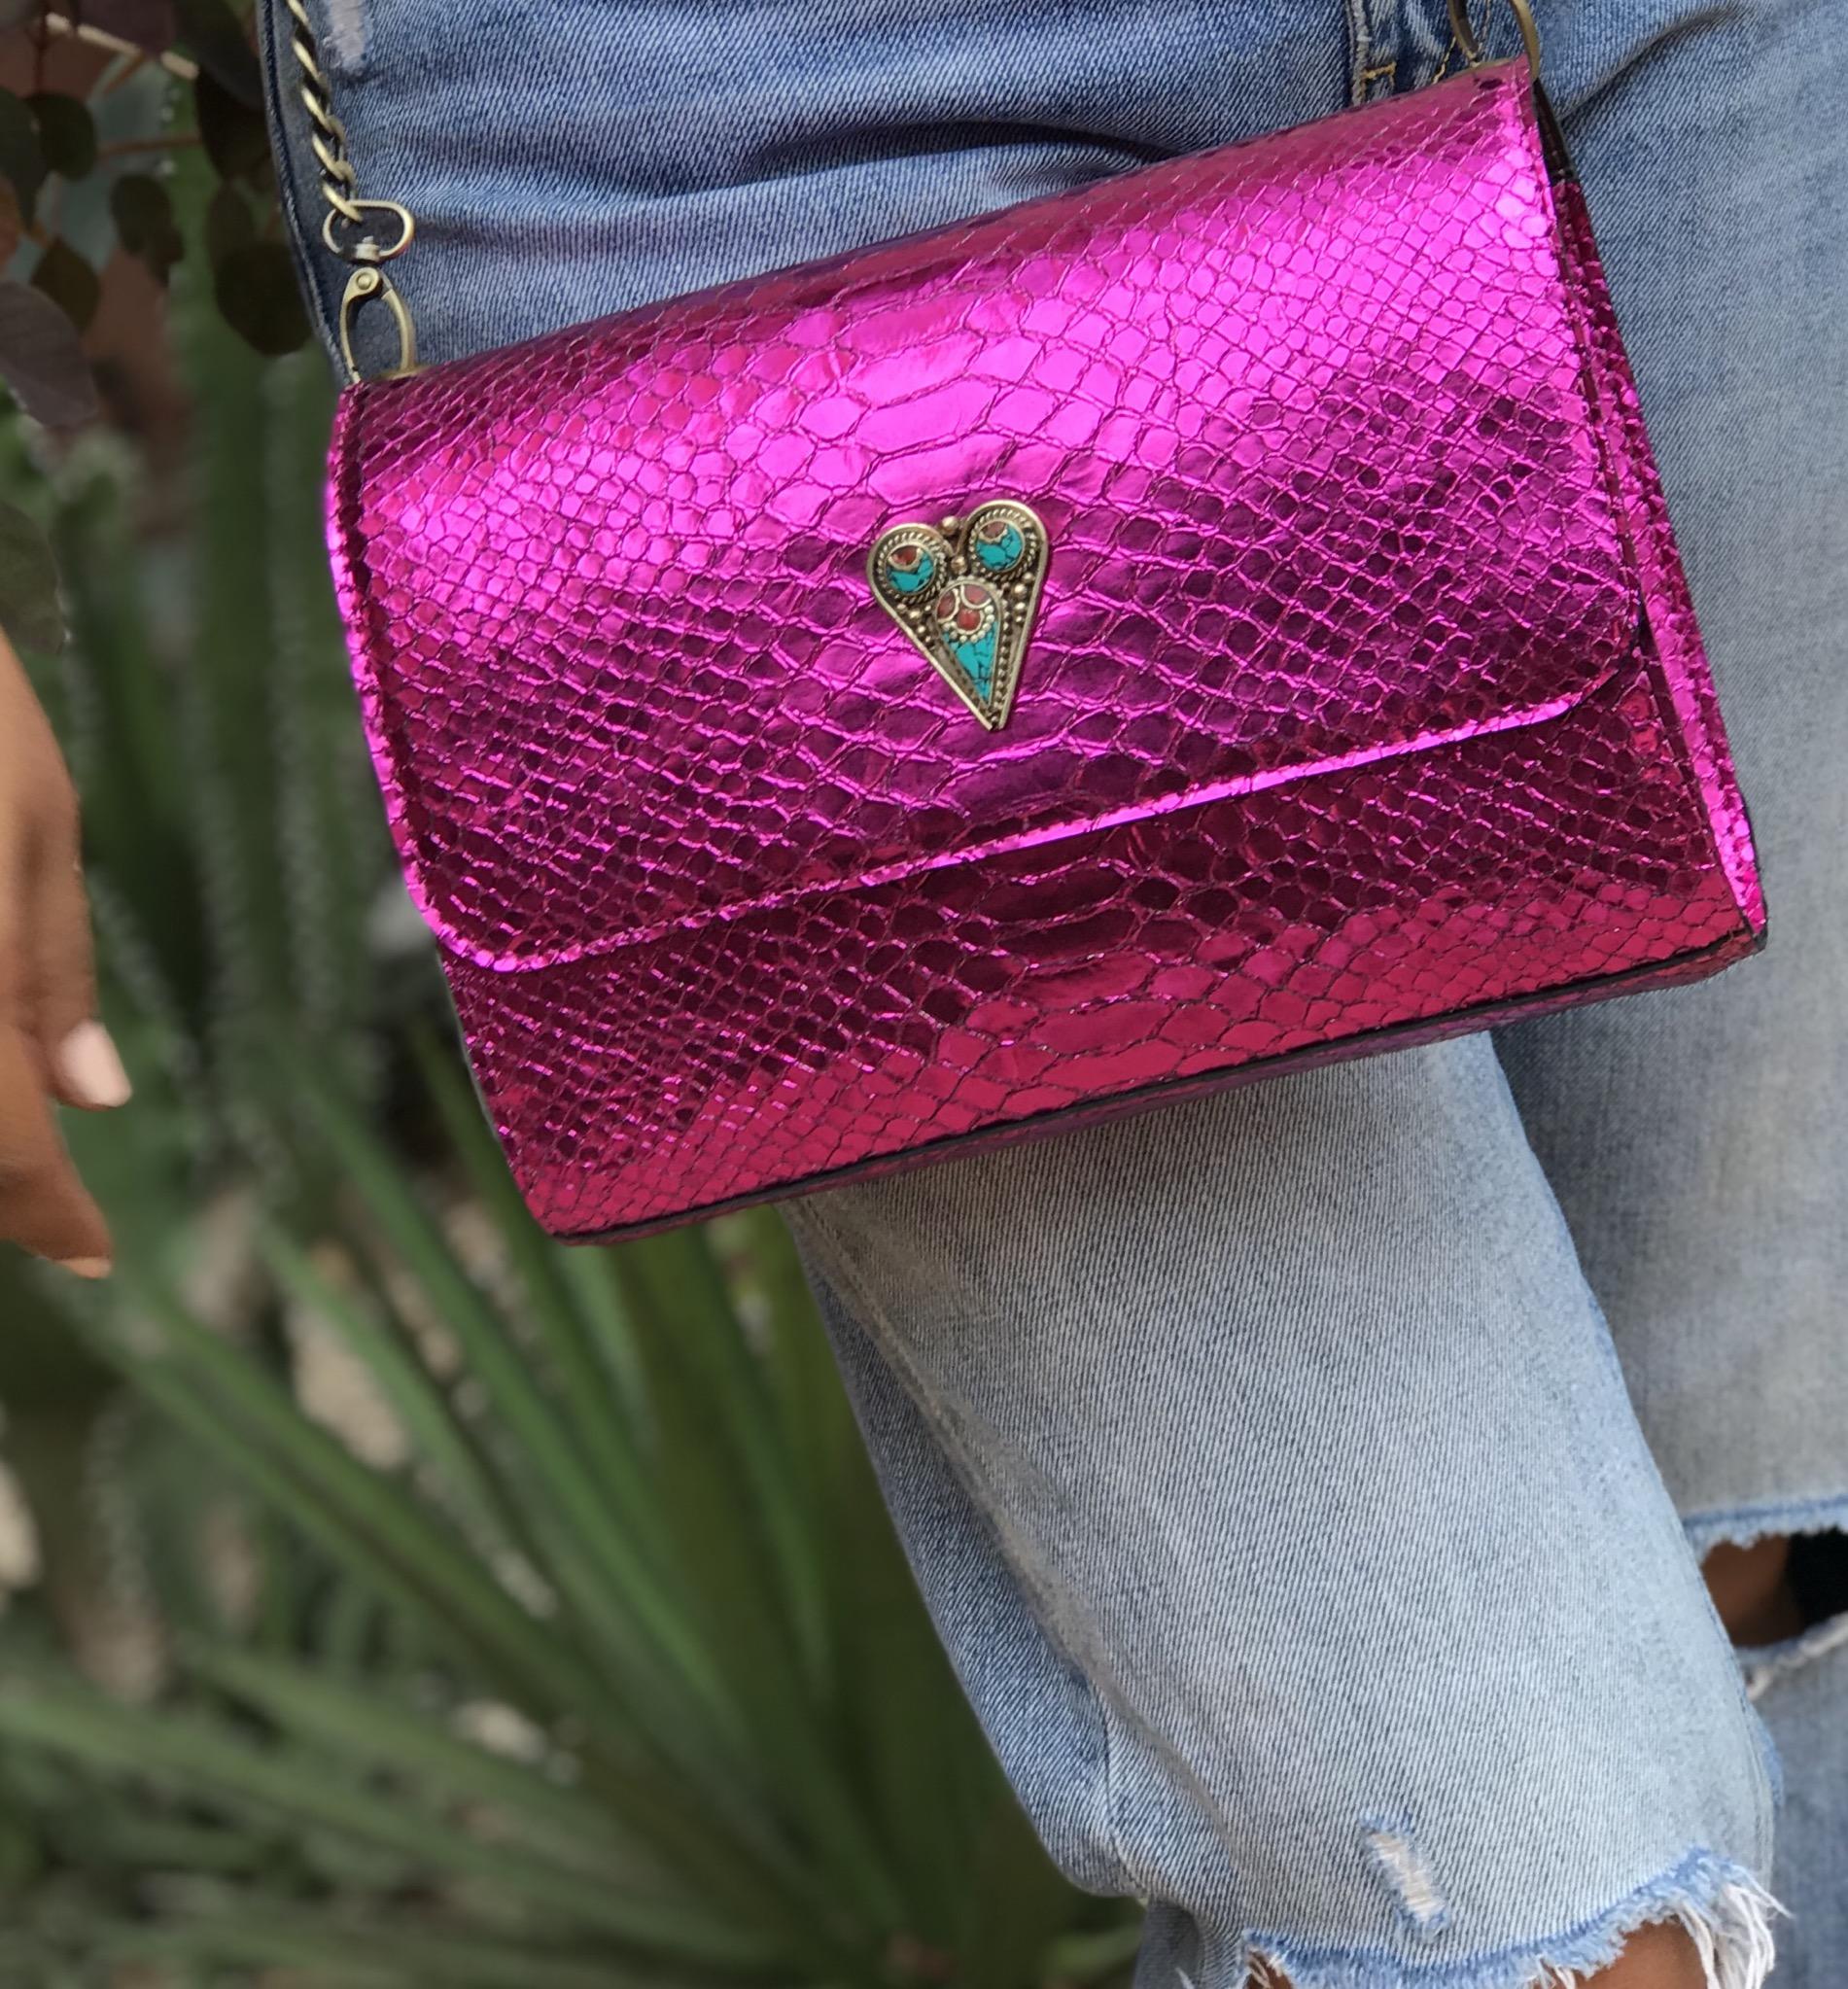 Bag leather croco pink fushia with jewelry